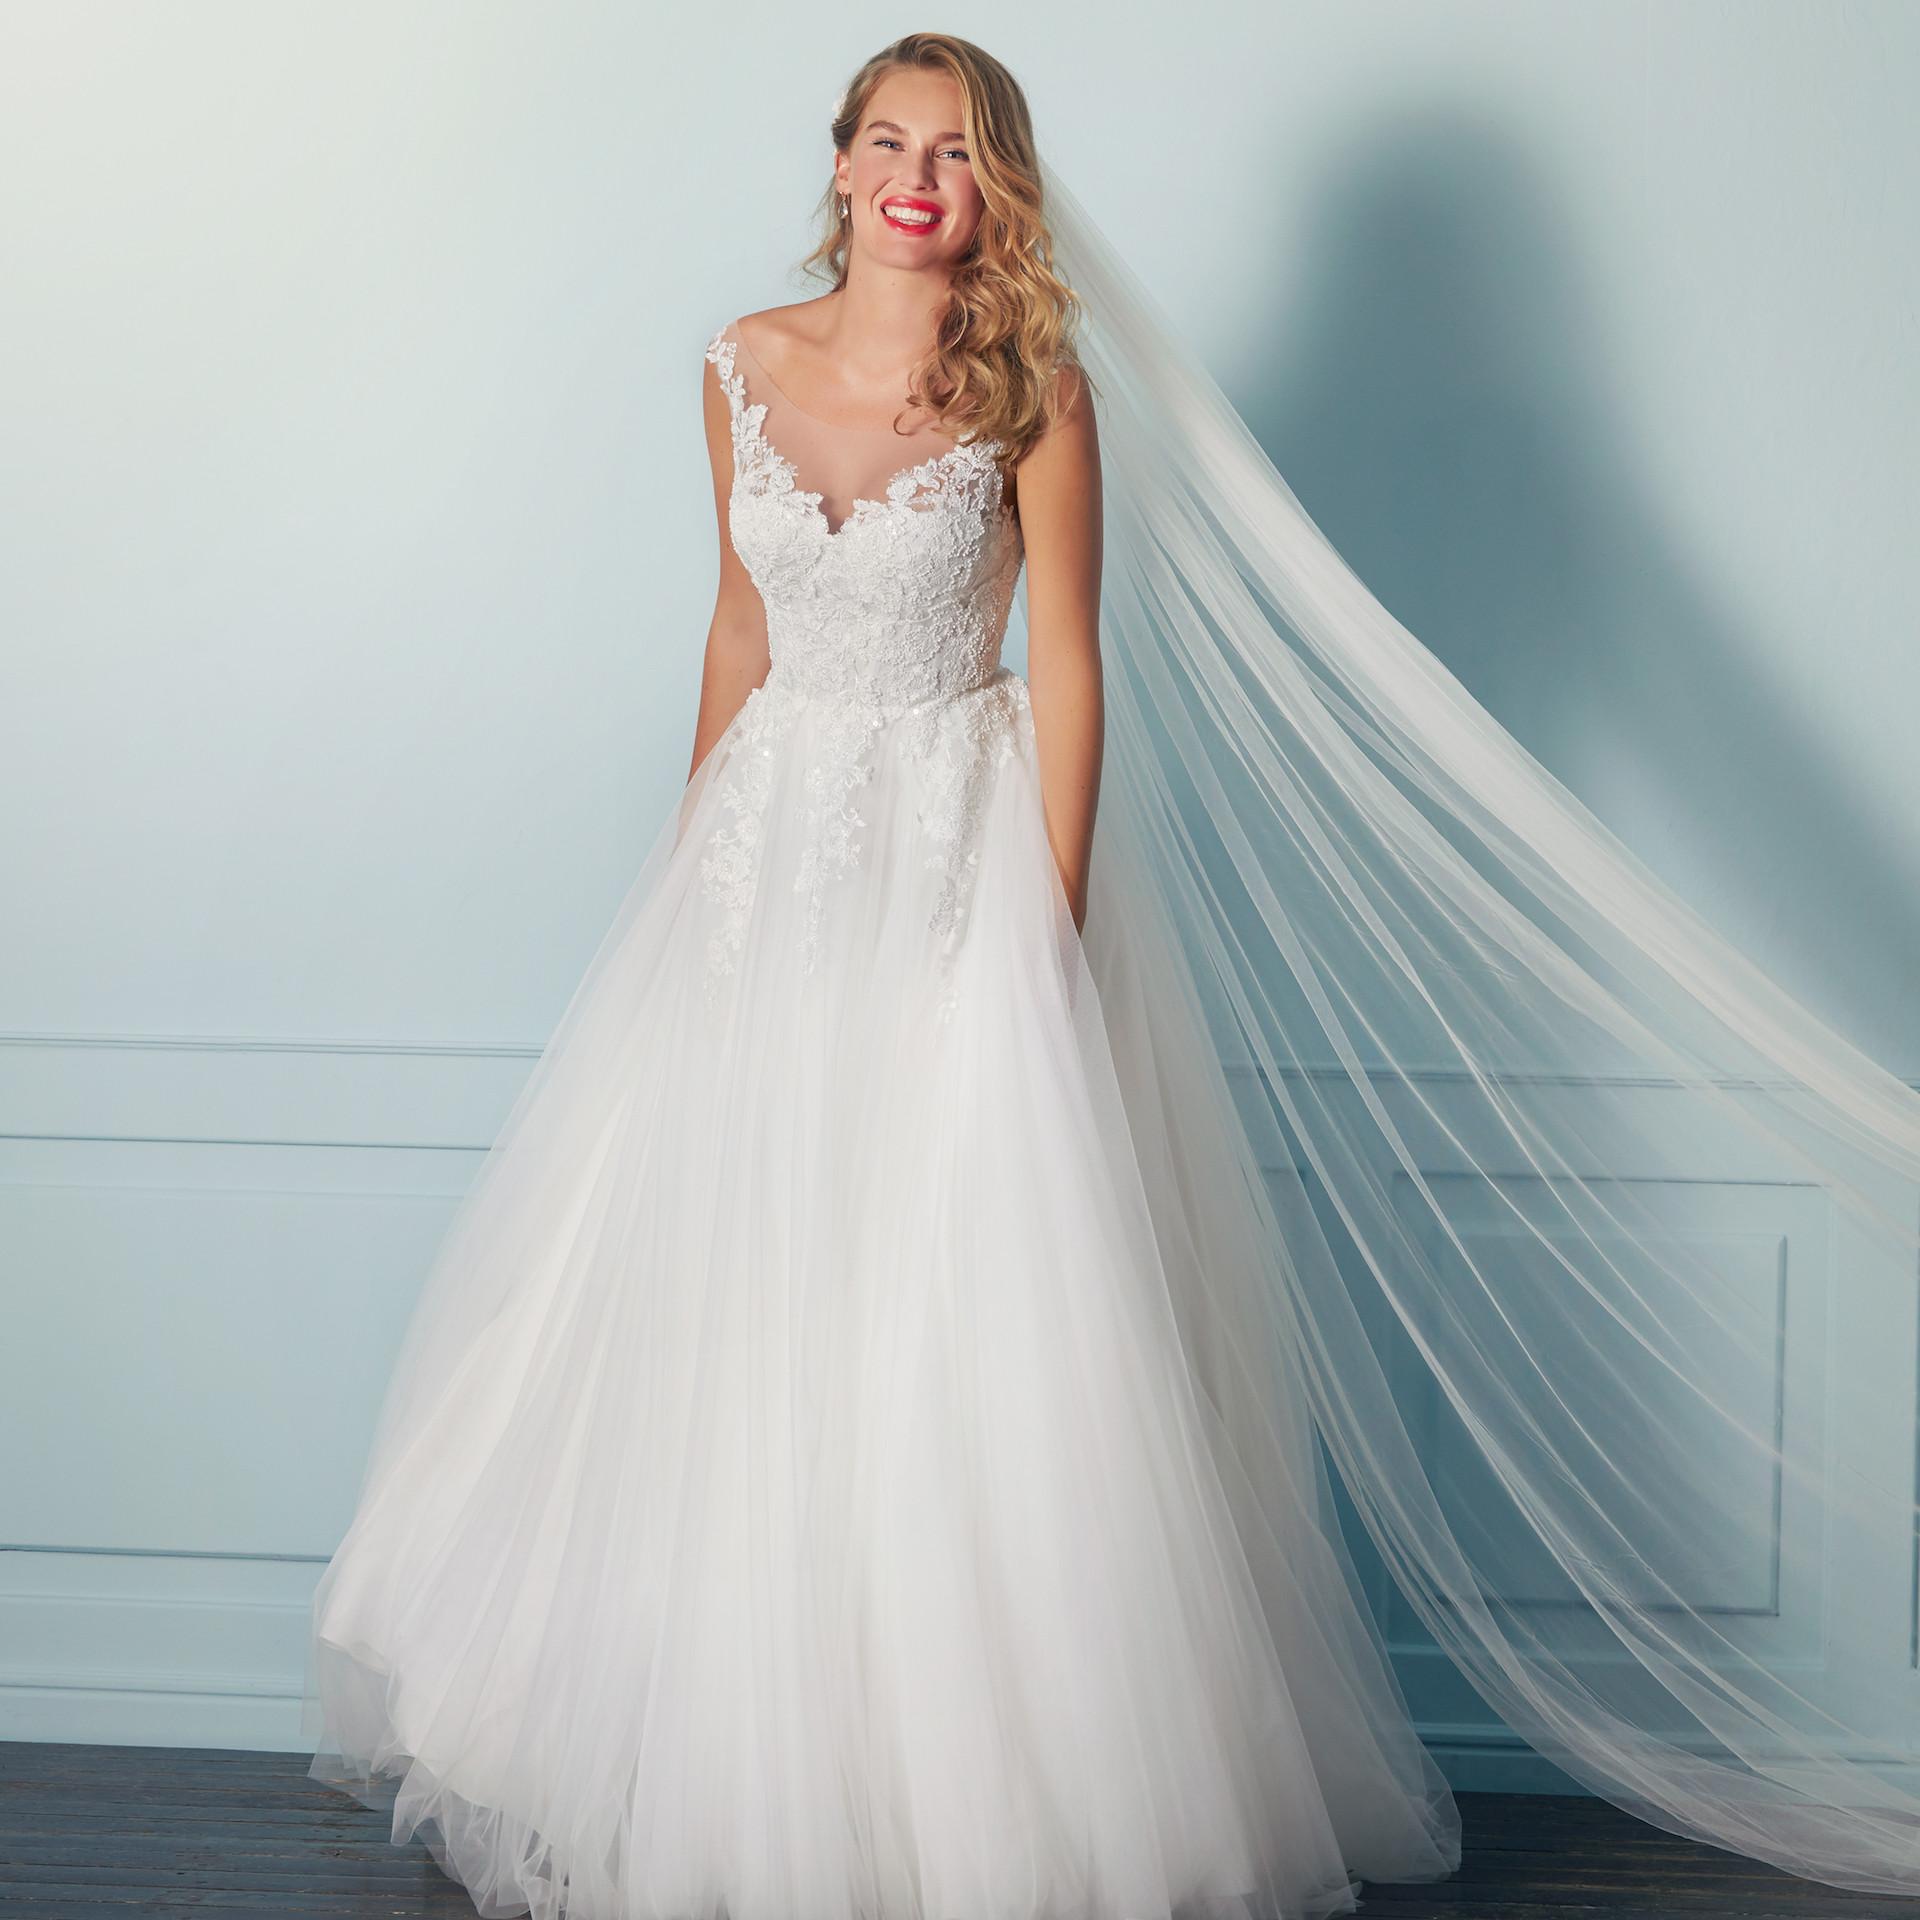 Brautkleid mit Tüllrock, Spitzentop und Illusion